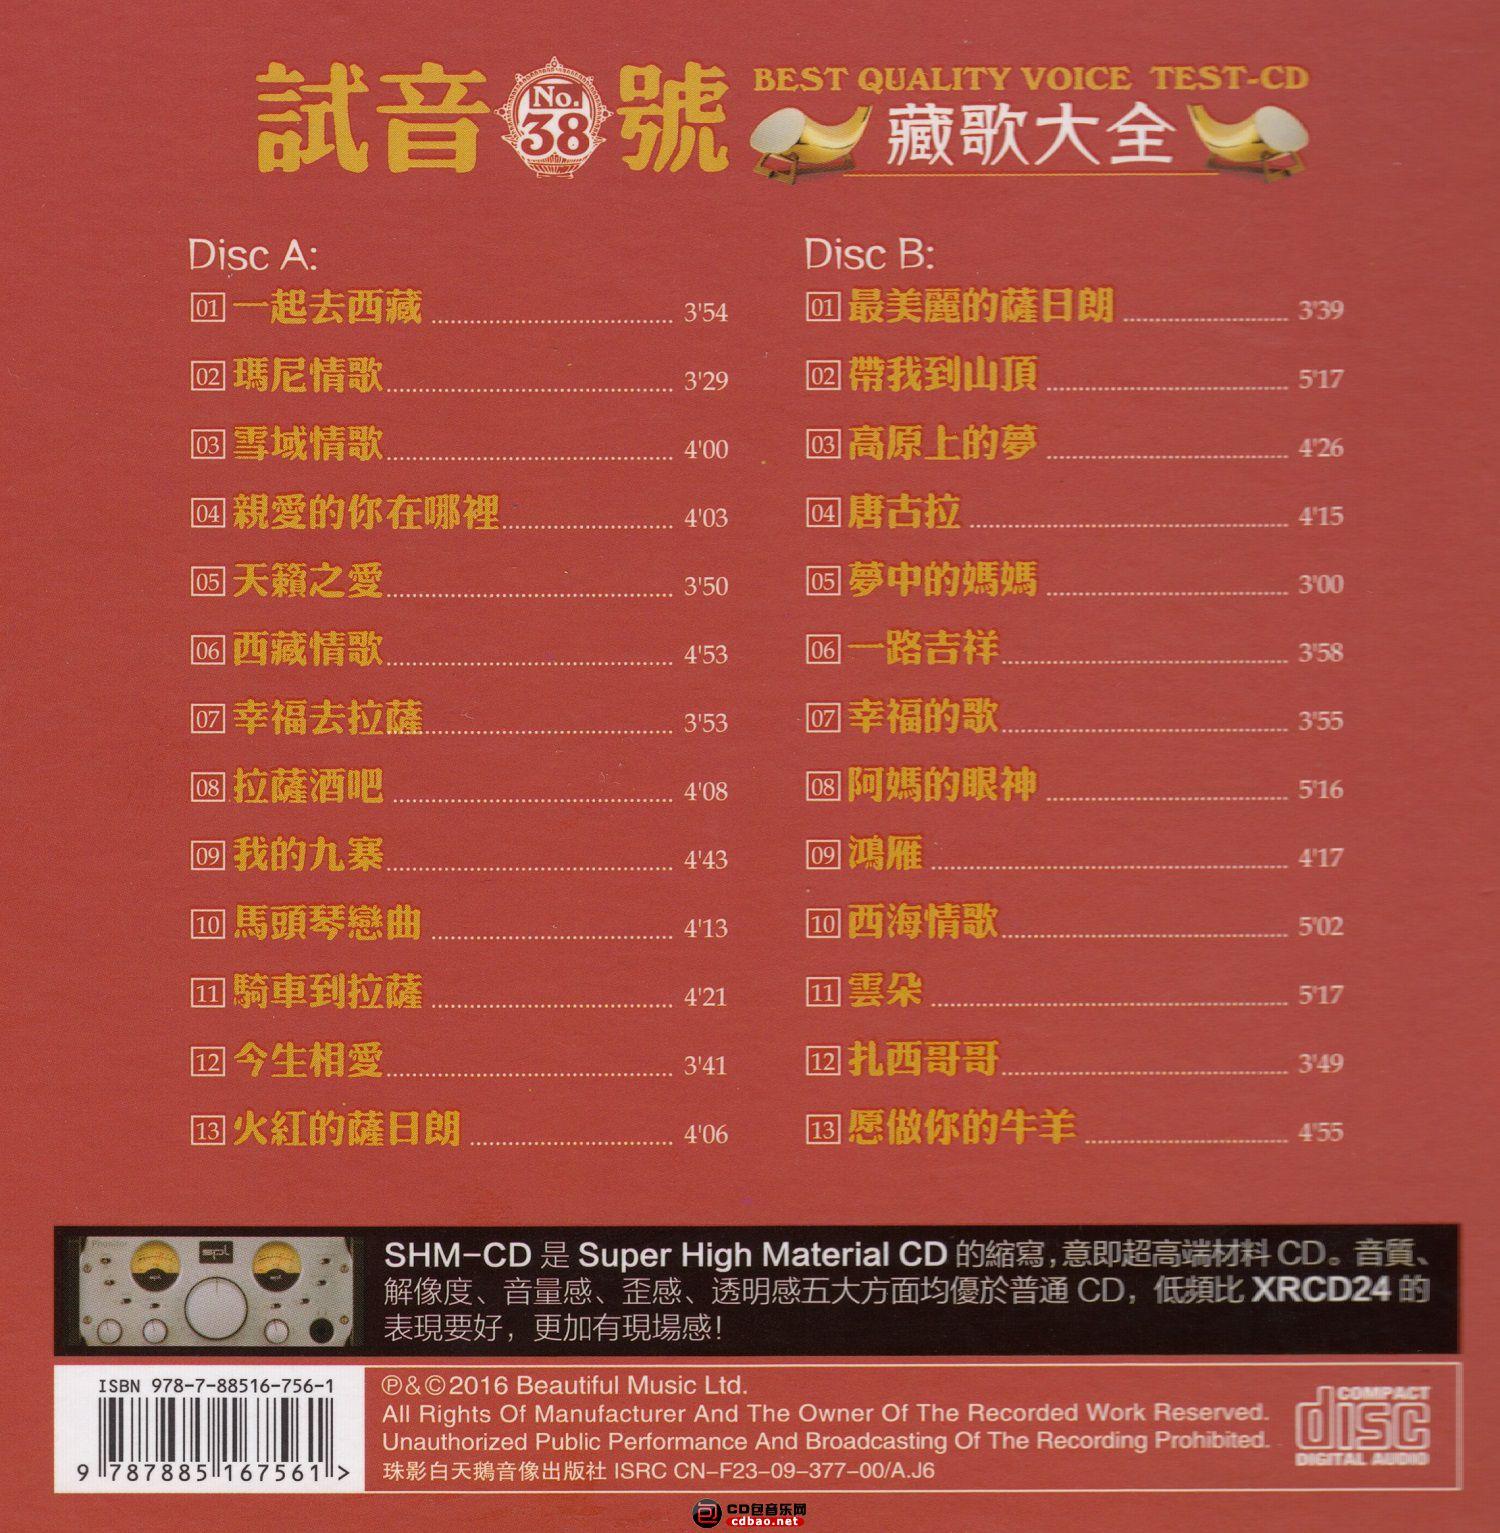 TEST-CD 试音38号2CD-BACK.jpg